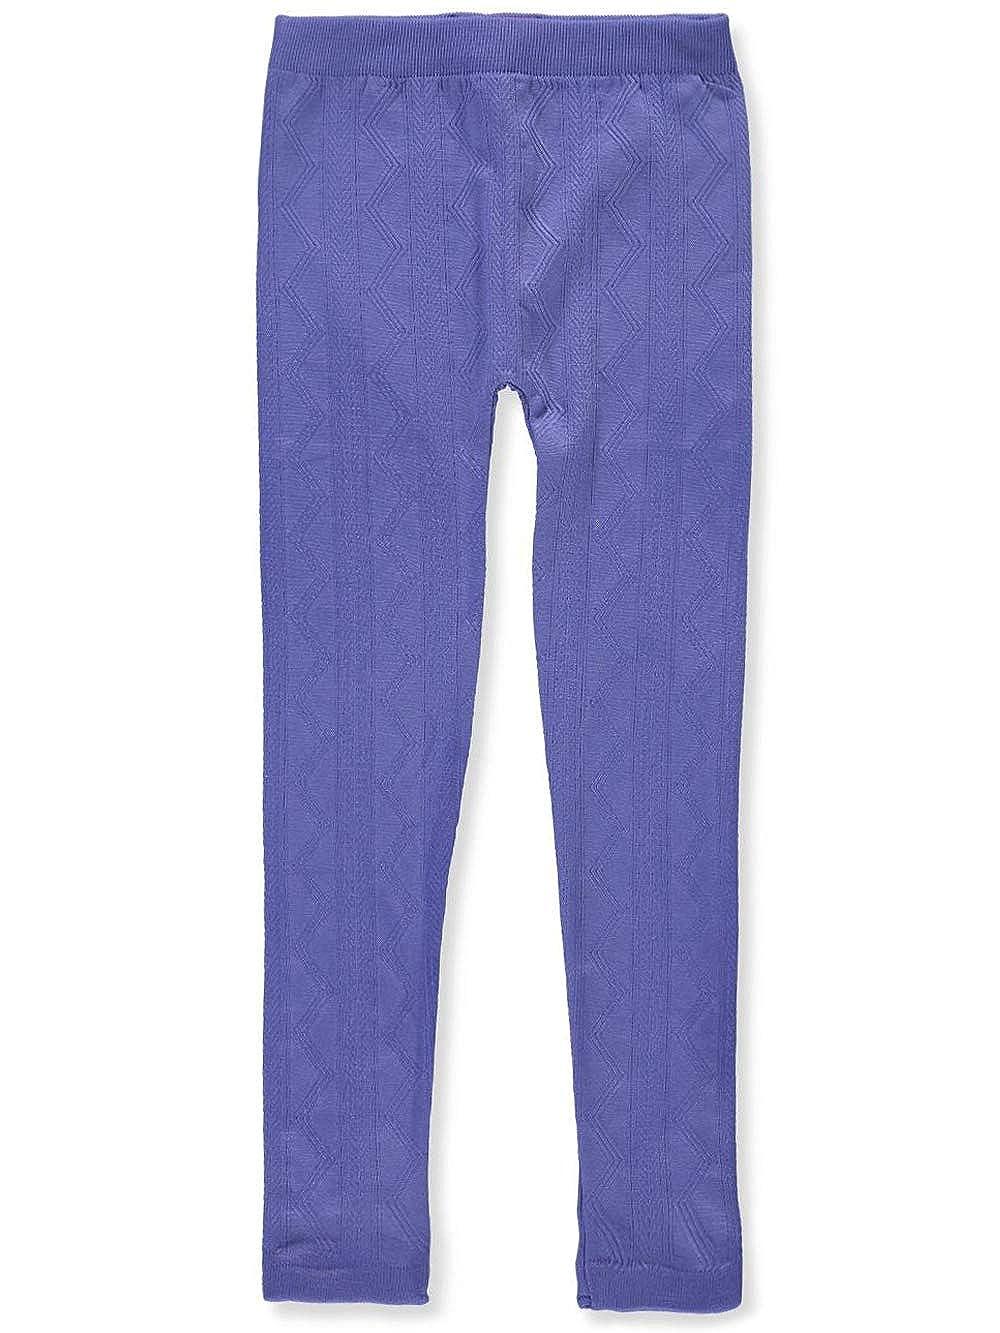 Dream Star Girls' Fleece-Lined Leggings